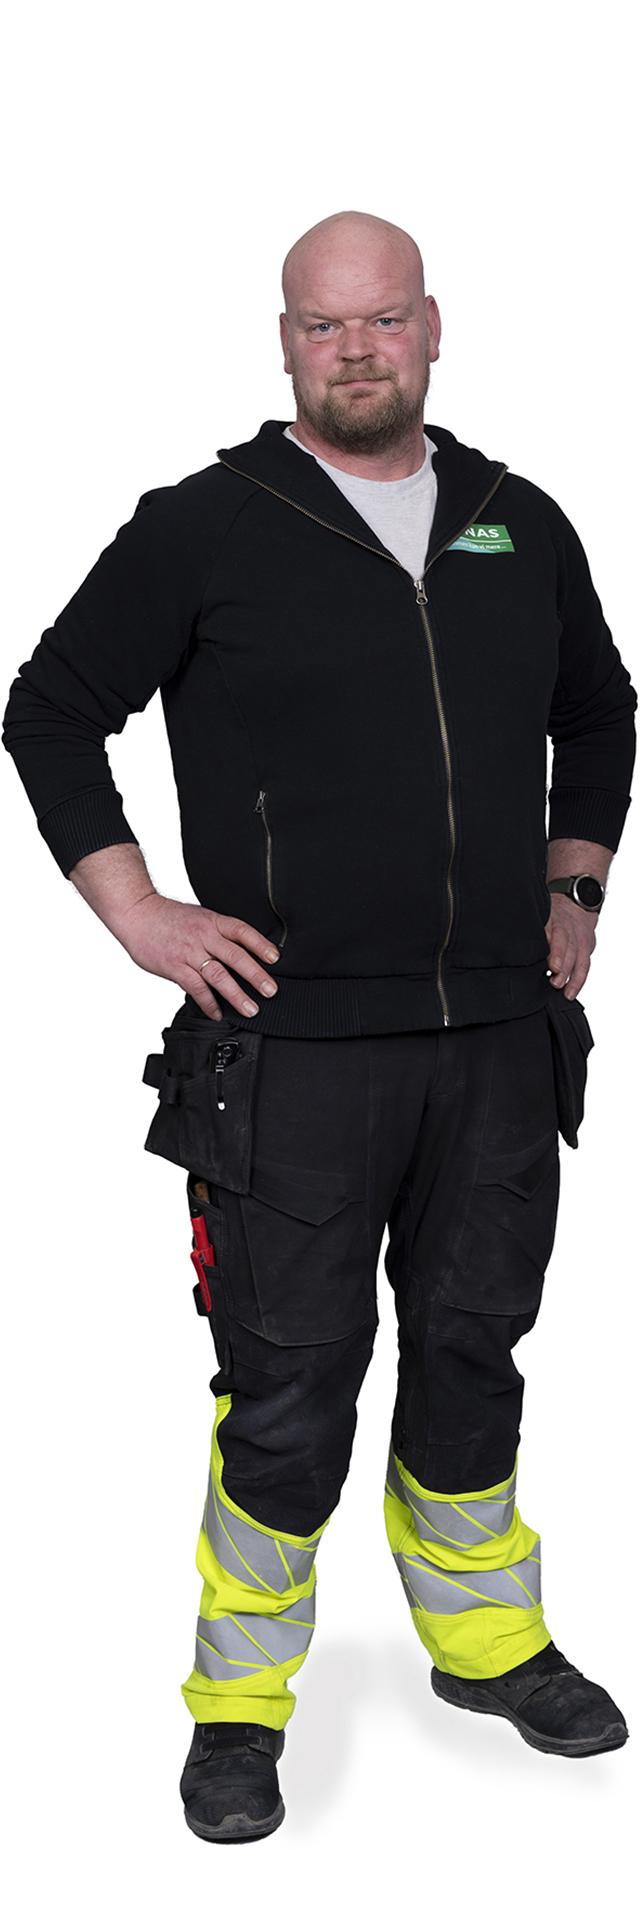 Renas Hel Figur 2021 1401 Ny